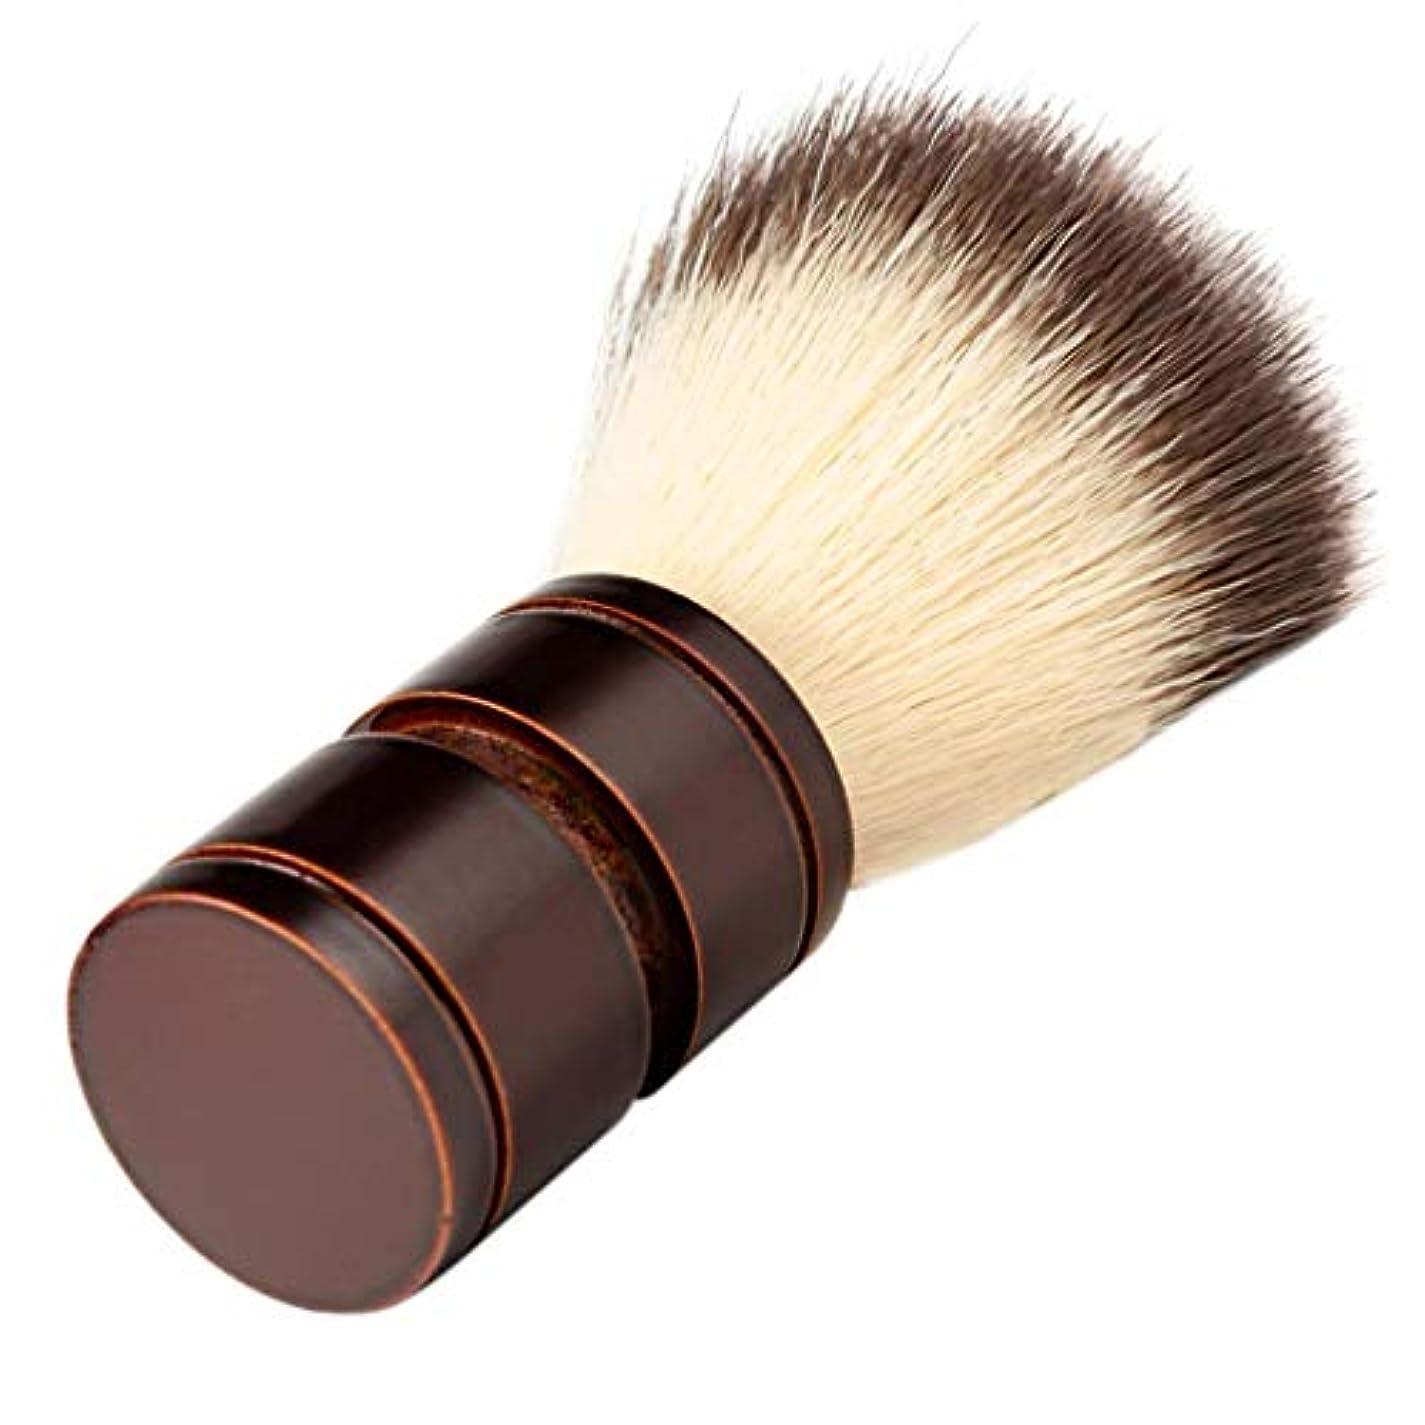 引っ張る切り離す文庫本シェービング ブラシ メンズ ナイロン ひげブラシ 洗顔ブラシ 理容 洗顔 髭剃り 泡立ち